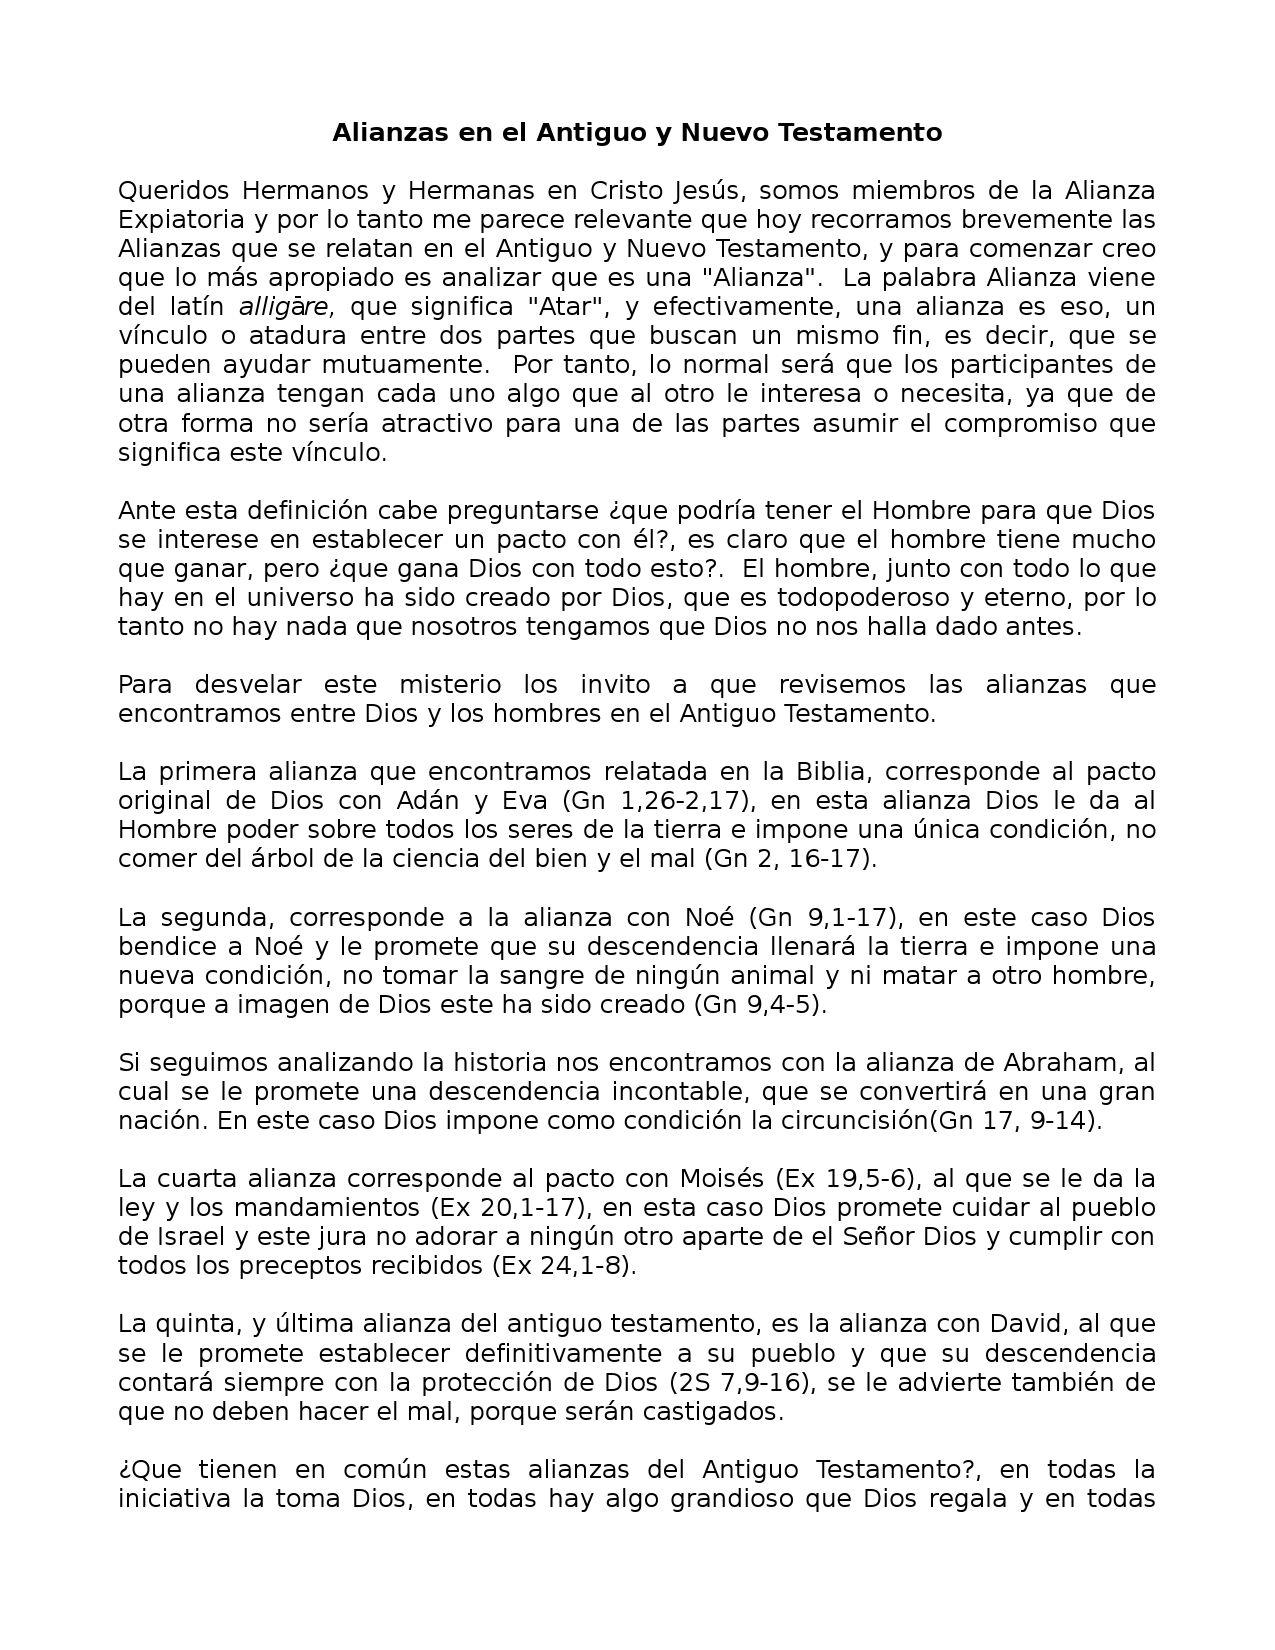 Alianzas en el Antiguo y Nuevo Testamento by Enrique Maldonado - issuu